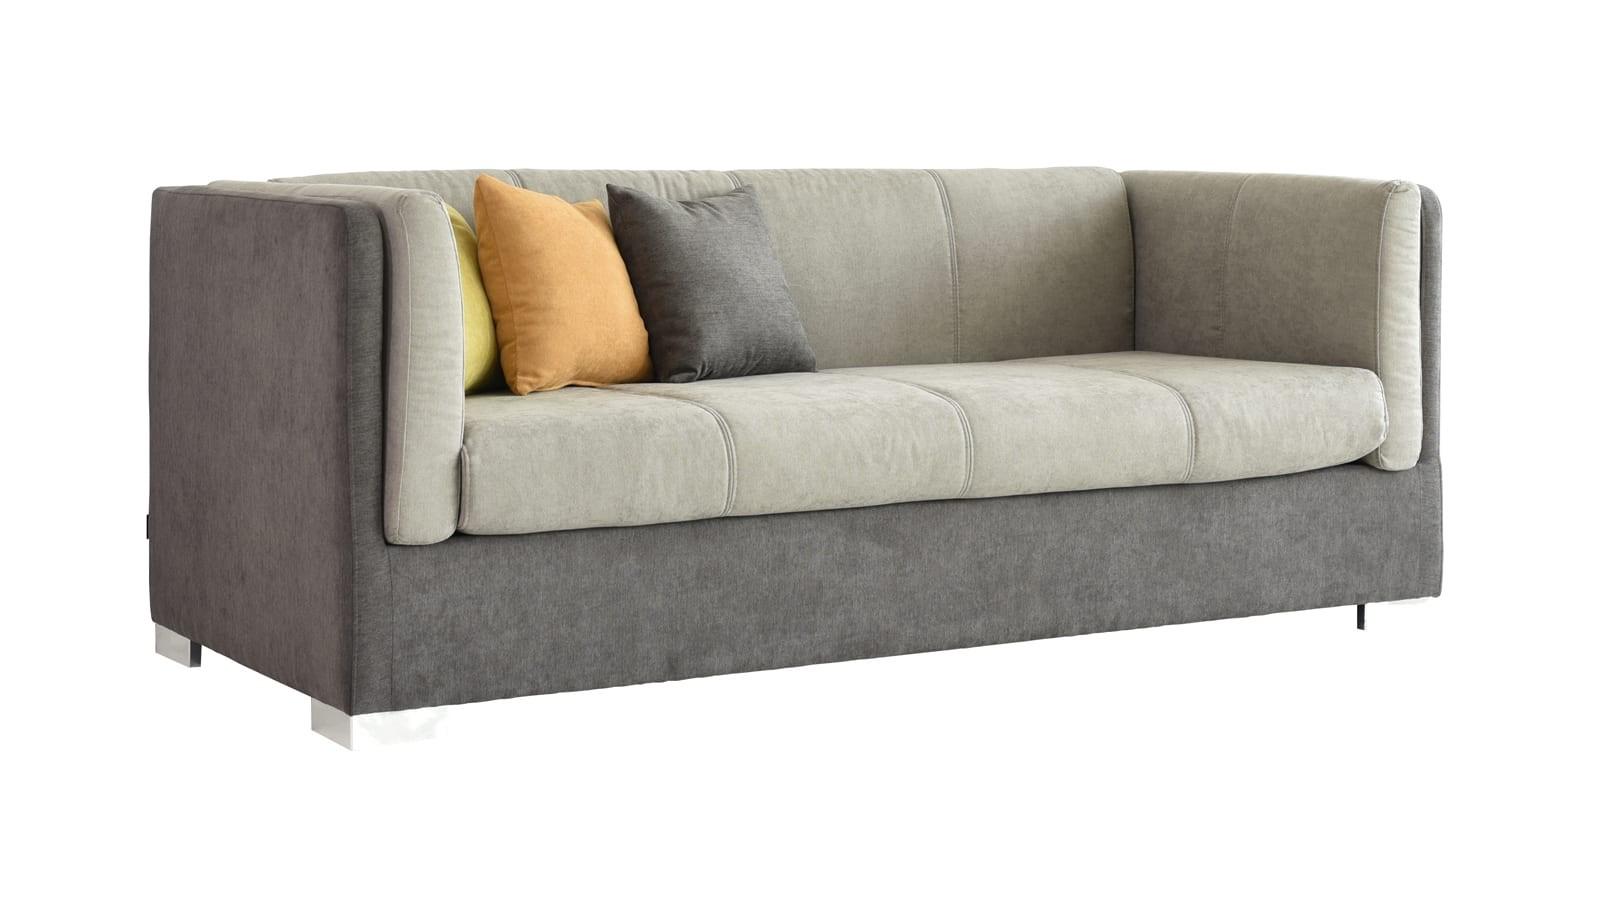 Canapé 3 places style retro en tissu taupe et beige